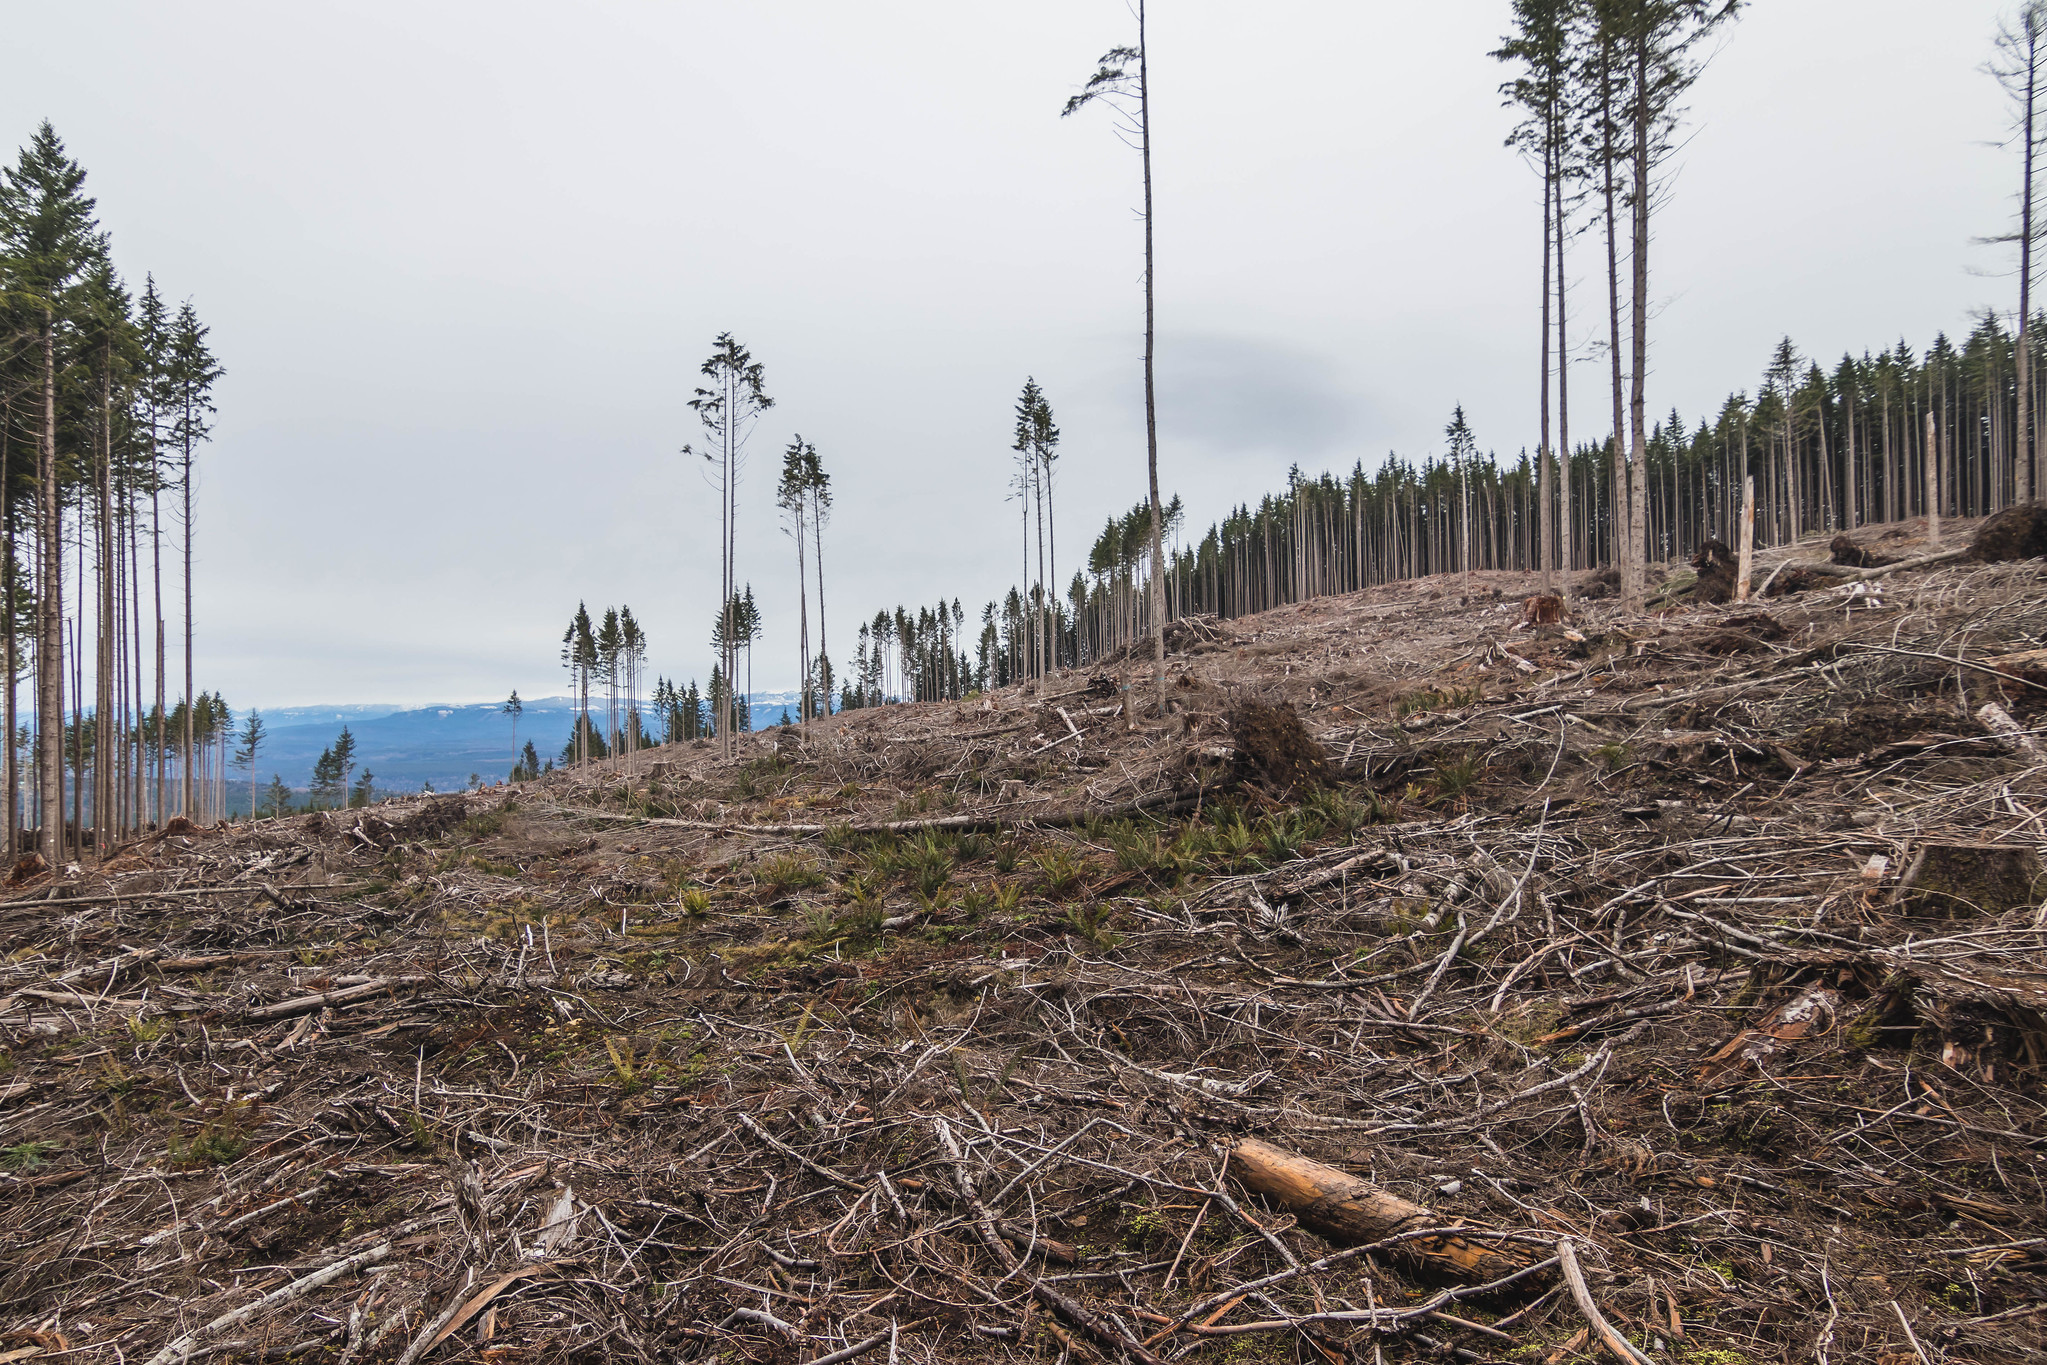 Logging debris